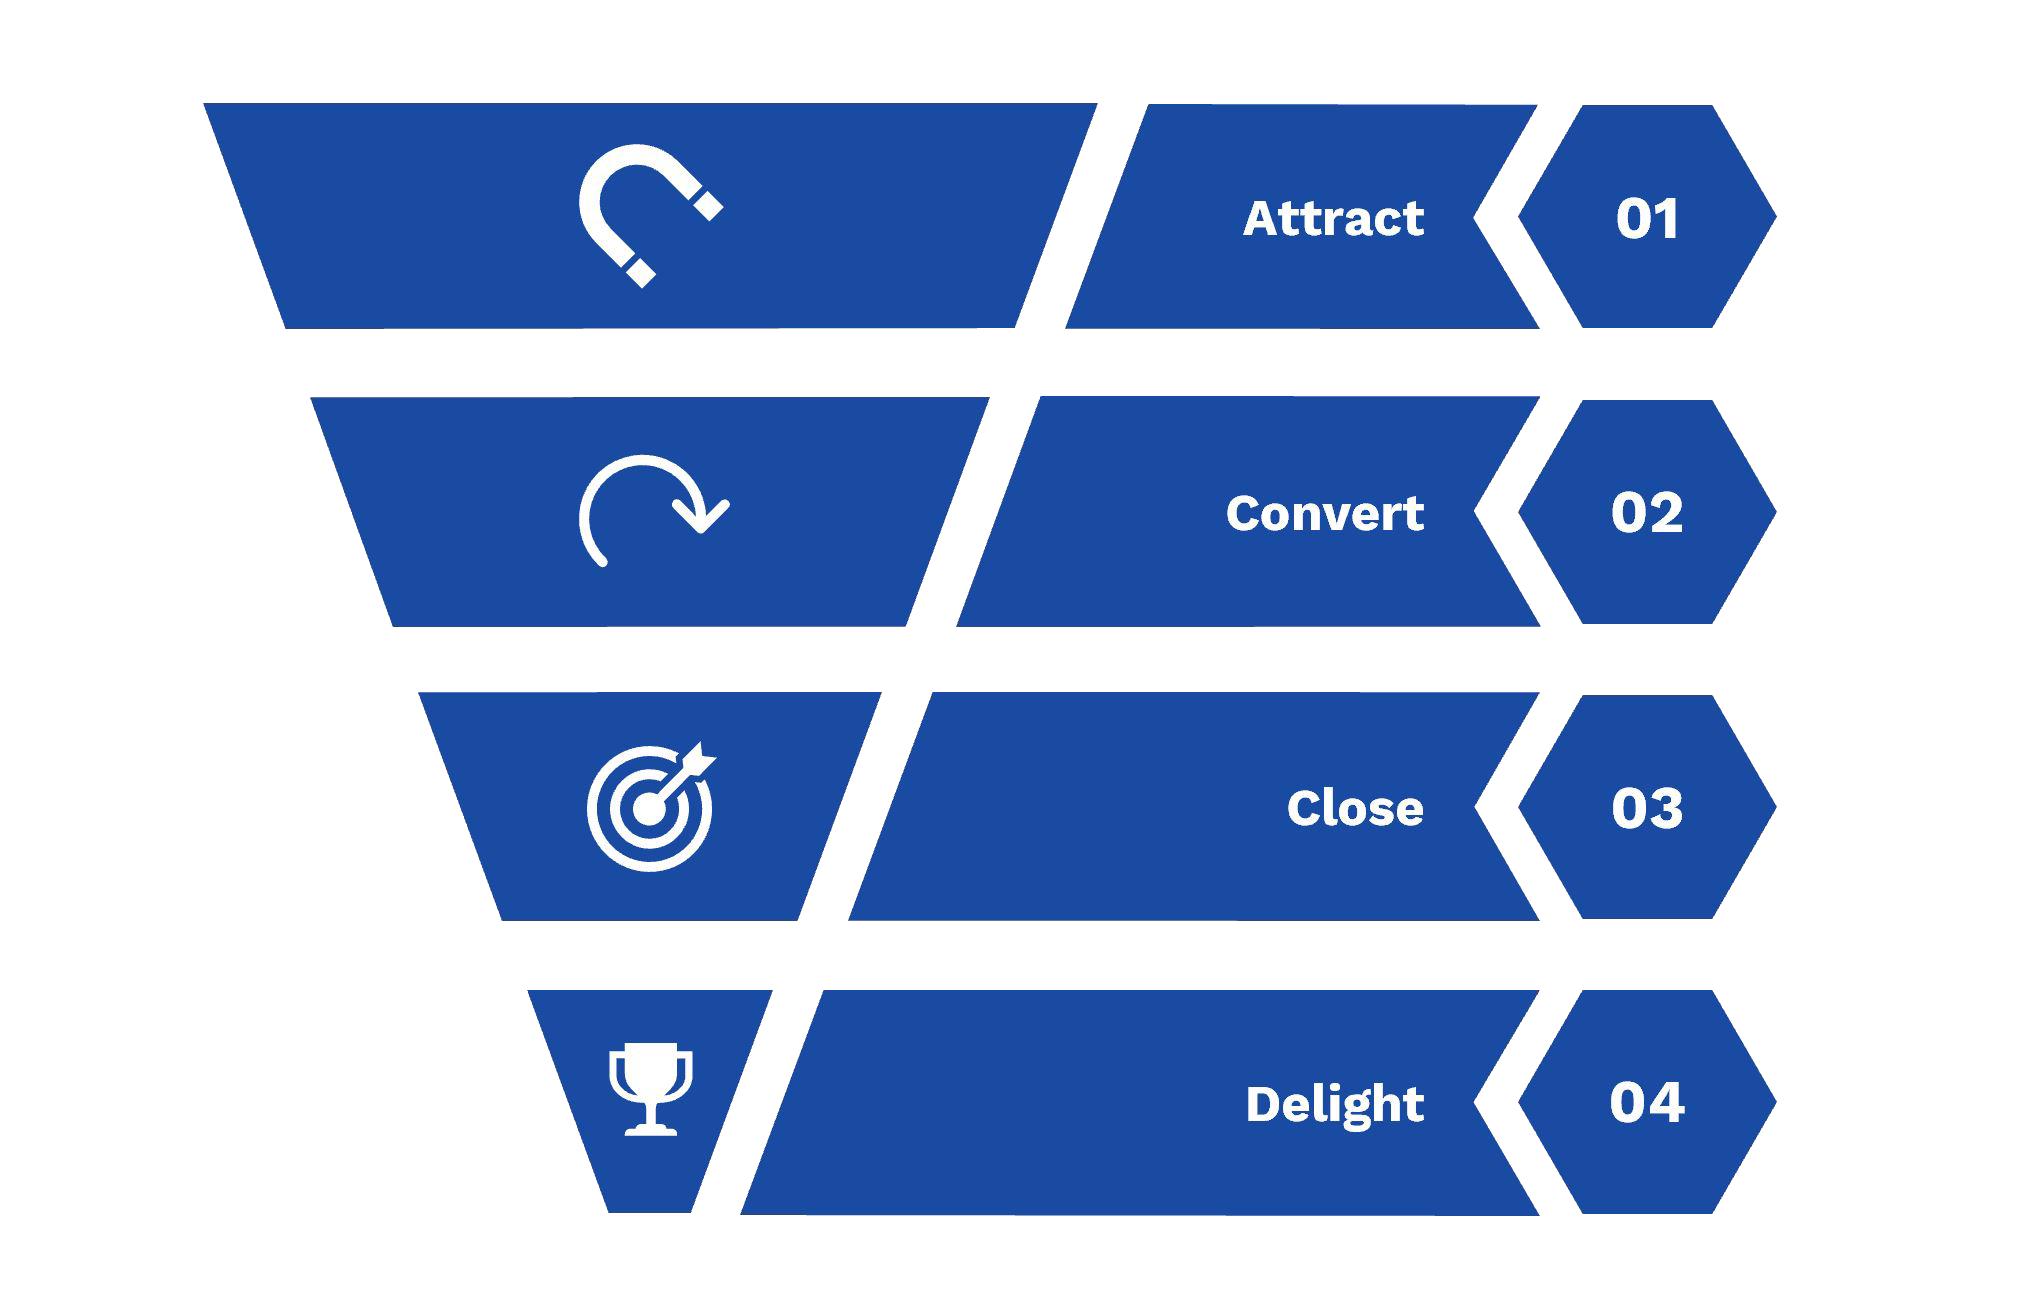 In nur 5 Schritten zur idealen digitalen Marketing-Strategie für Ihr Unternehmen